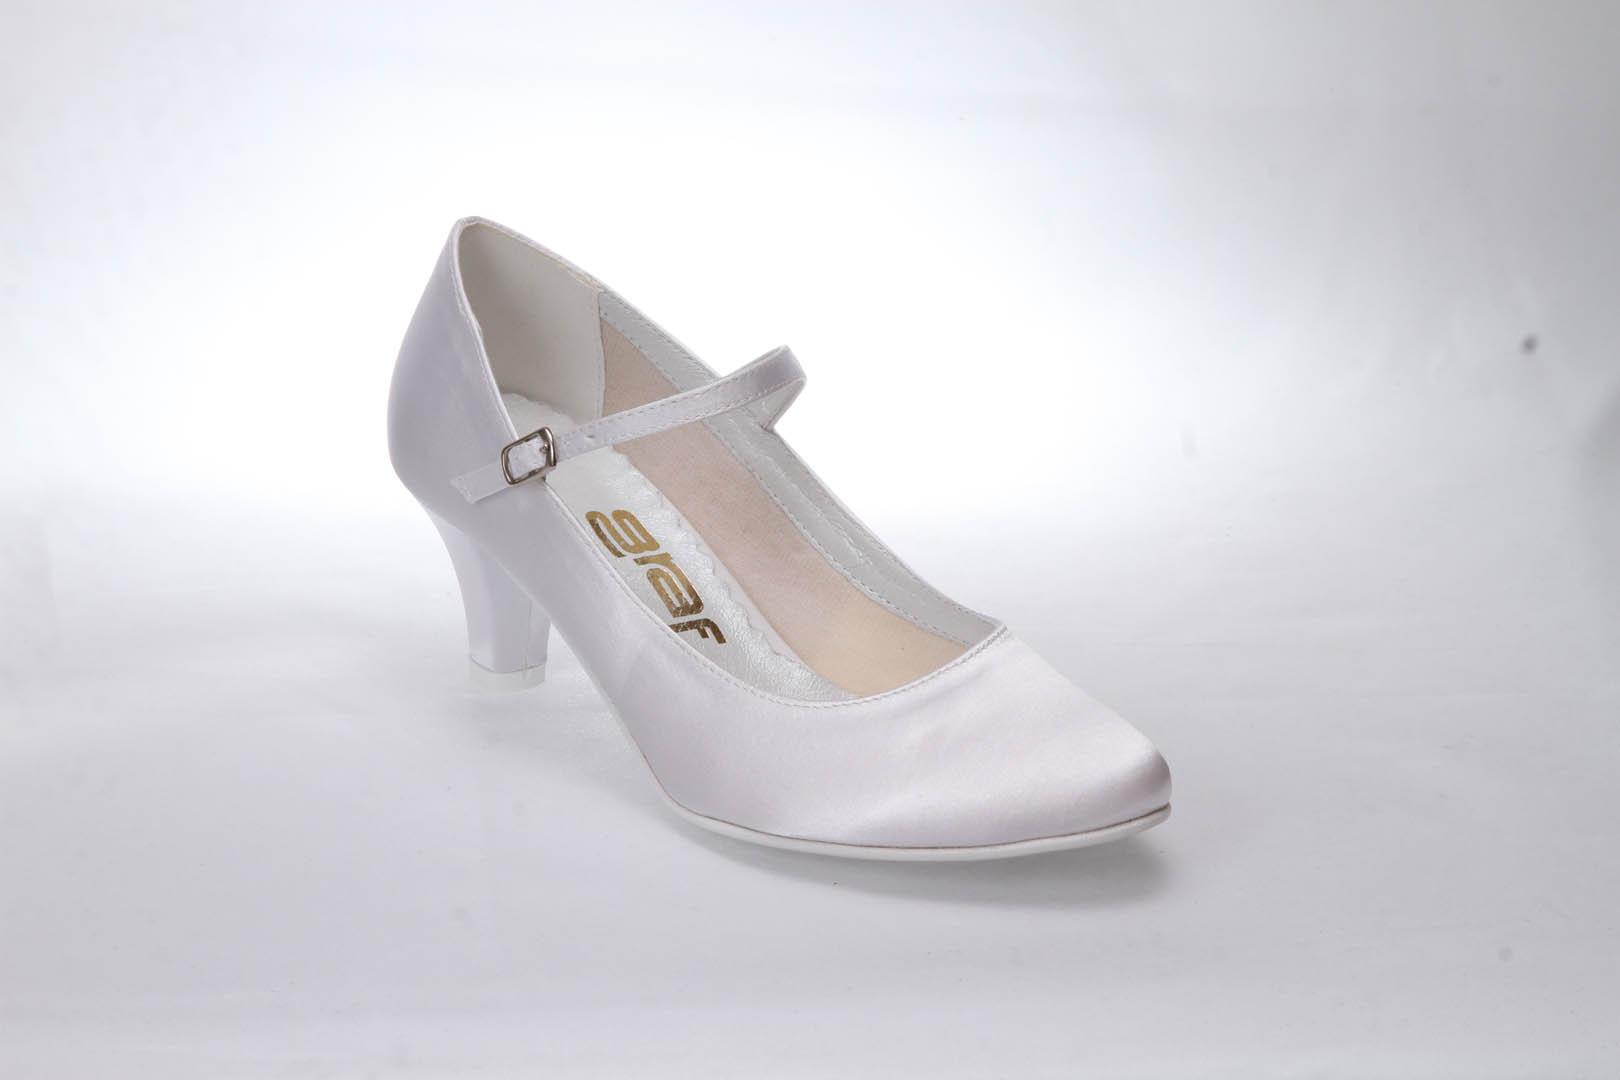 0b5d103d03b Svatební boty GRAF 1503 Satin white - podměrné